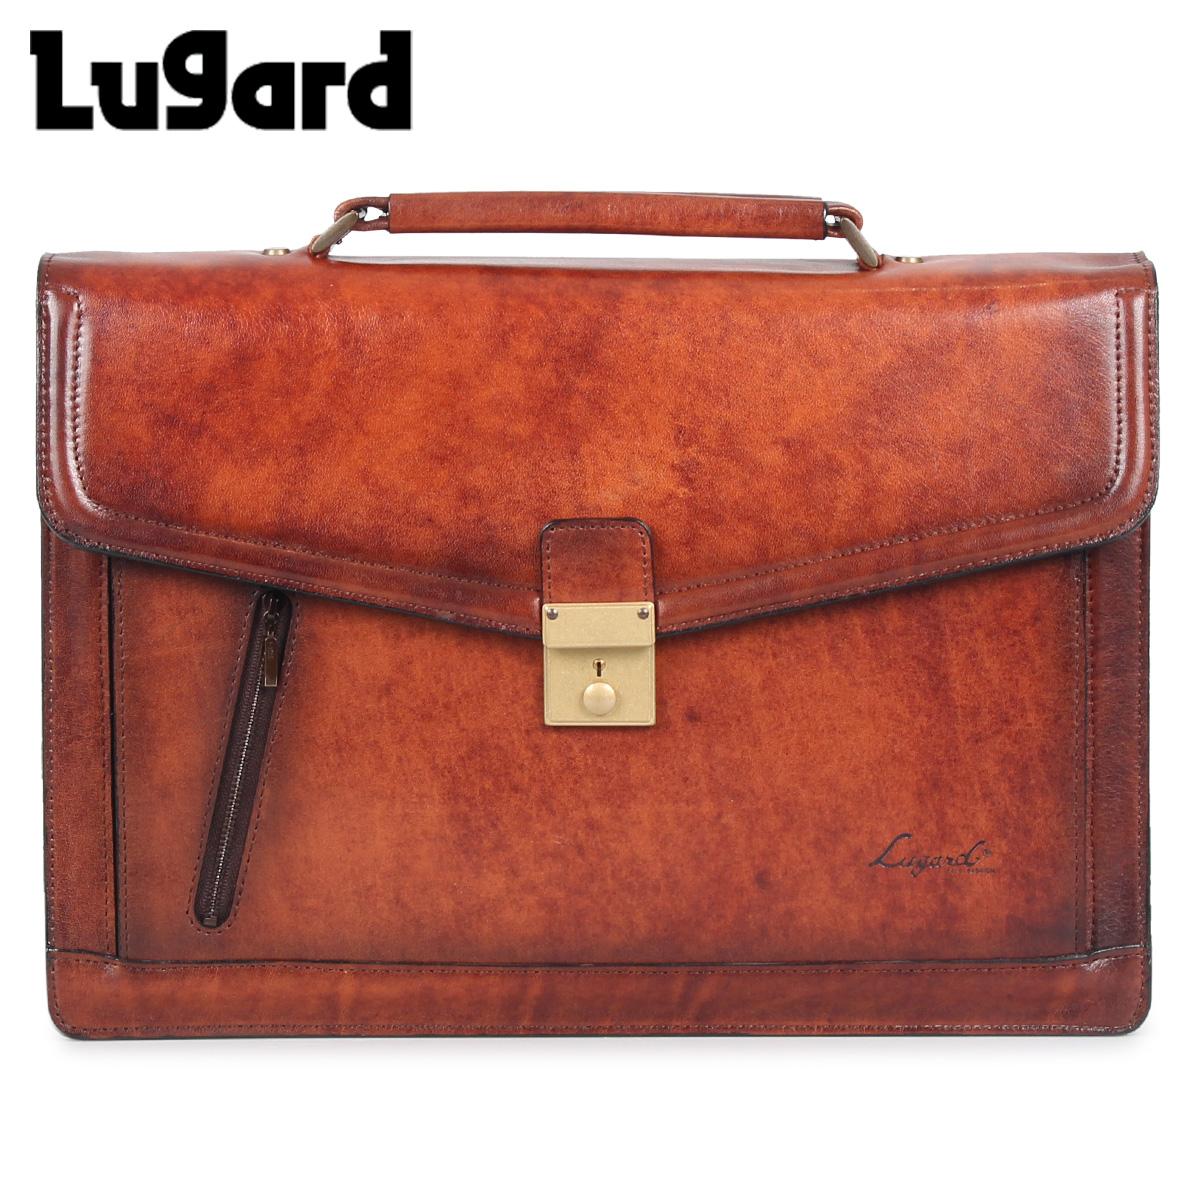 Lugard ラガード 青木鞄 ジースリー バッグ ビジネスバッグ メンズ G3 BUSINESS BAG ブラウン 5219